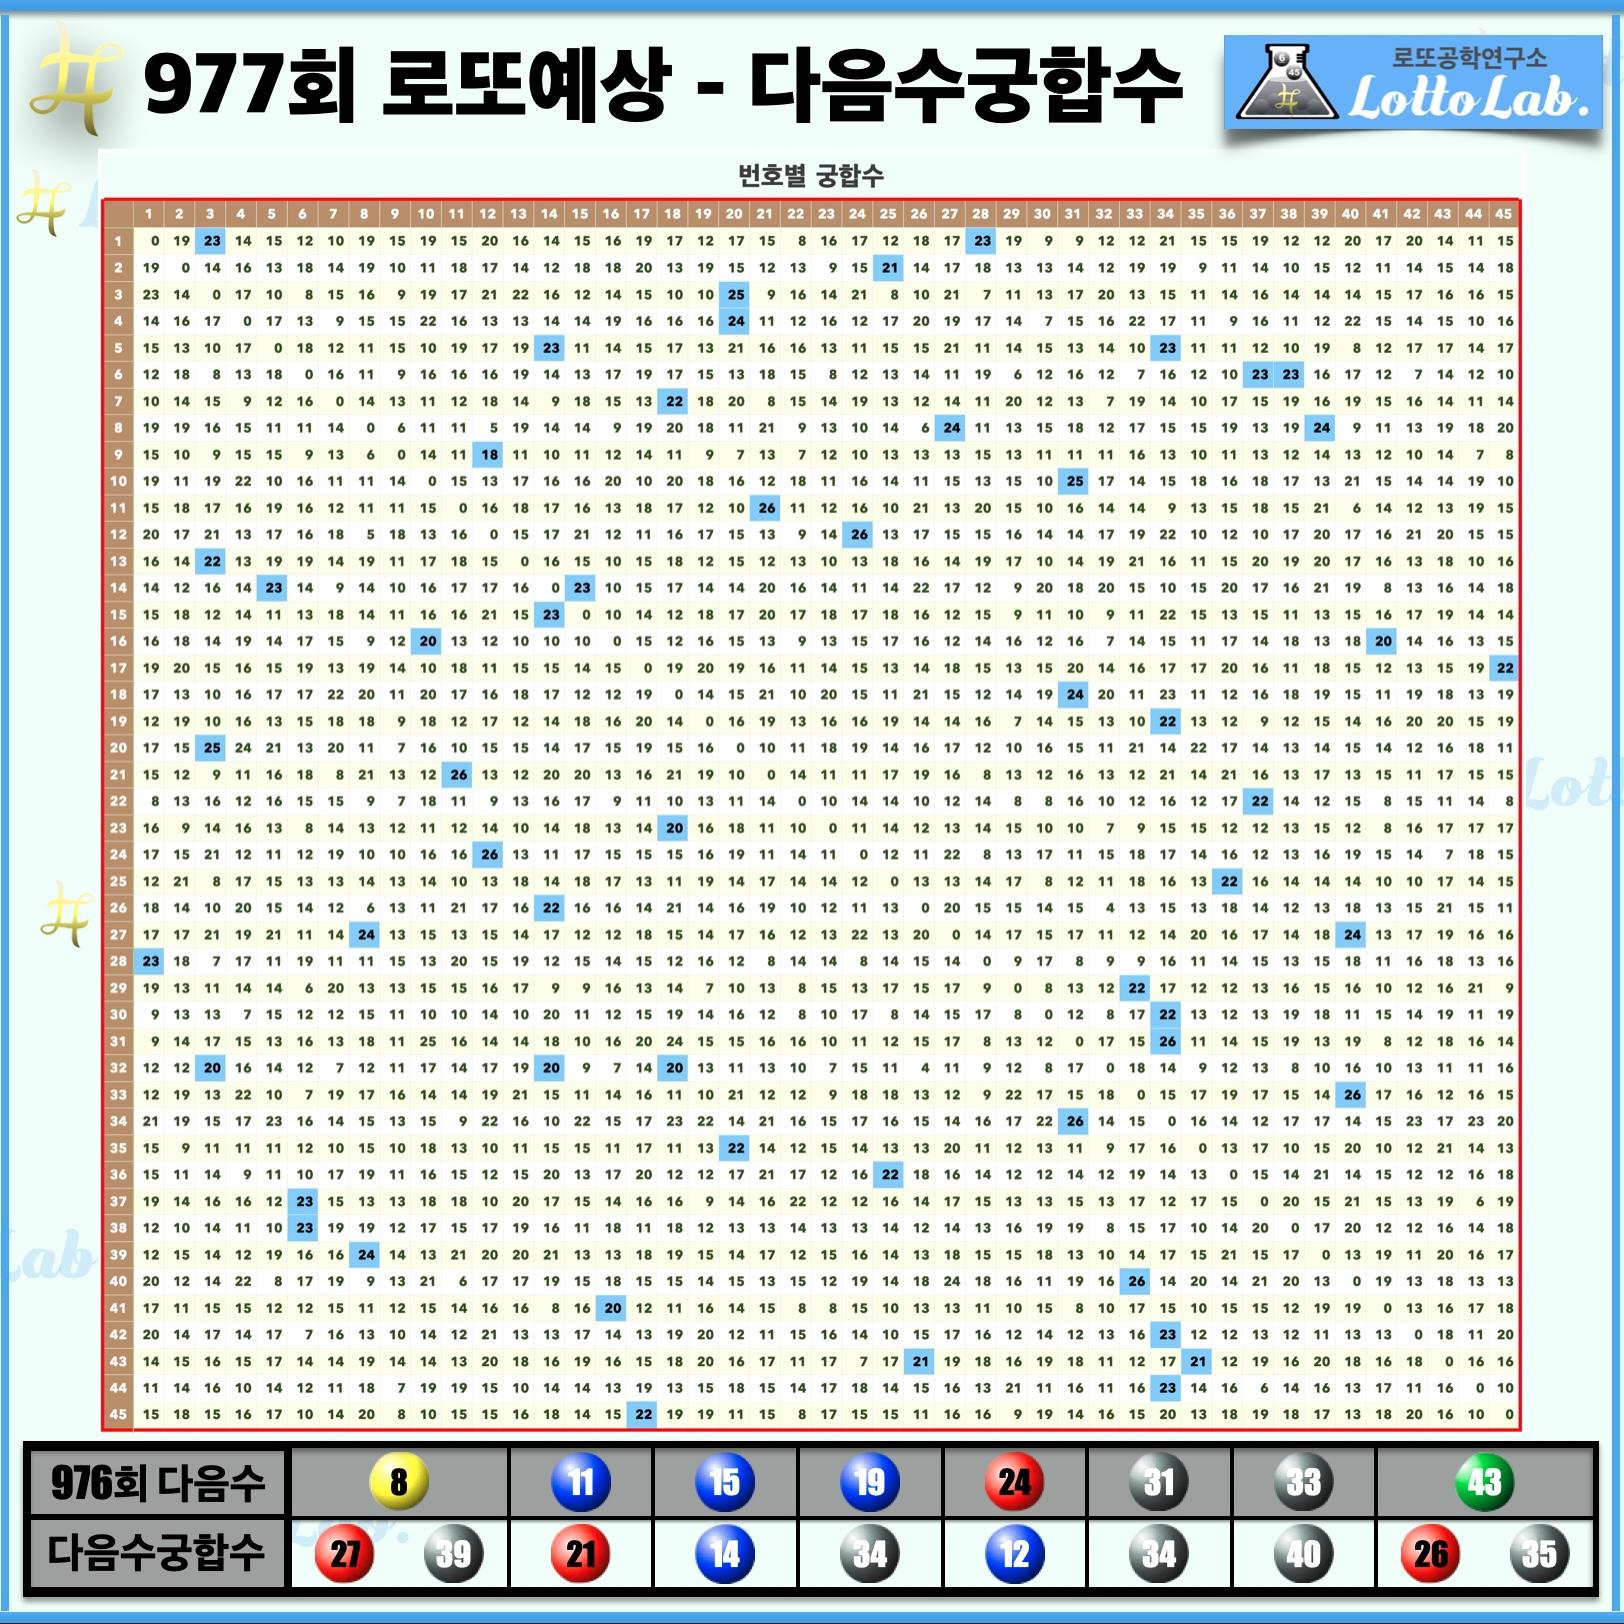 로또랩 로또977 당첨 번호 예상 - 다음수궁합수